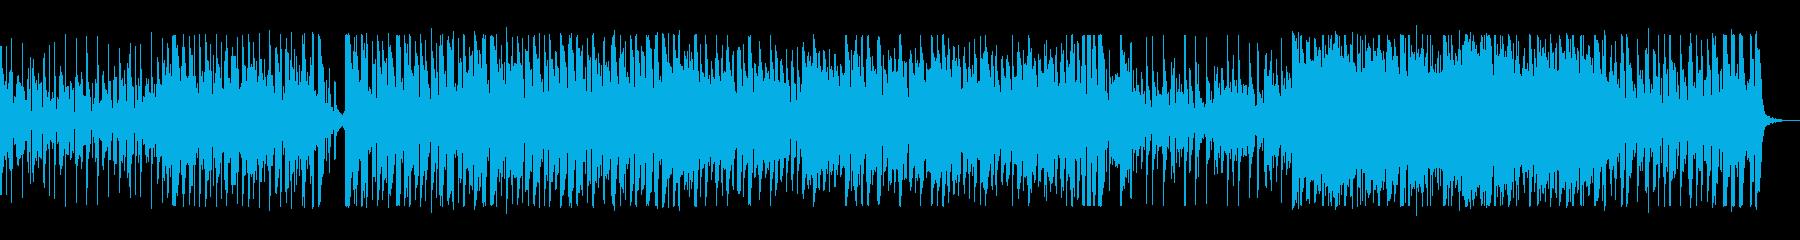 楽し気な手拍子が明るいロックポップの再生済みの波形